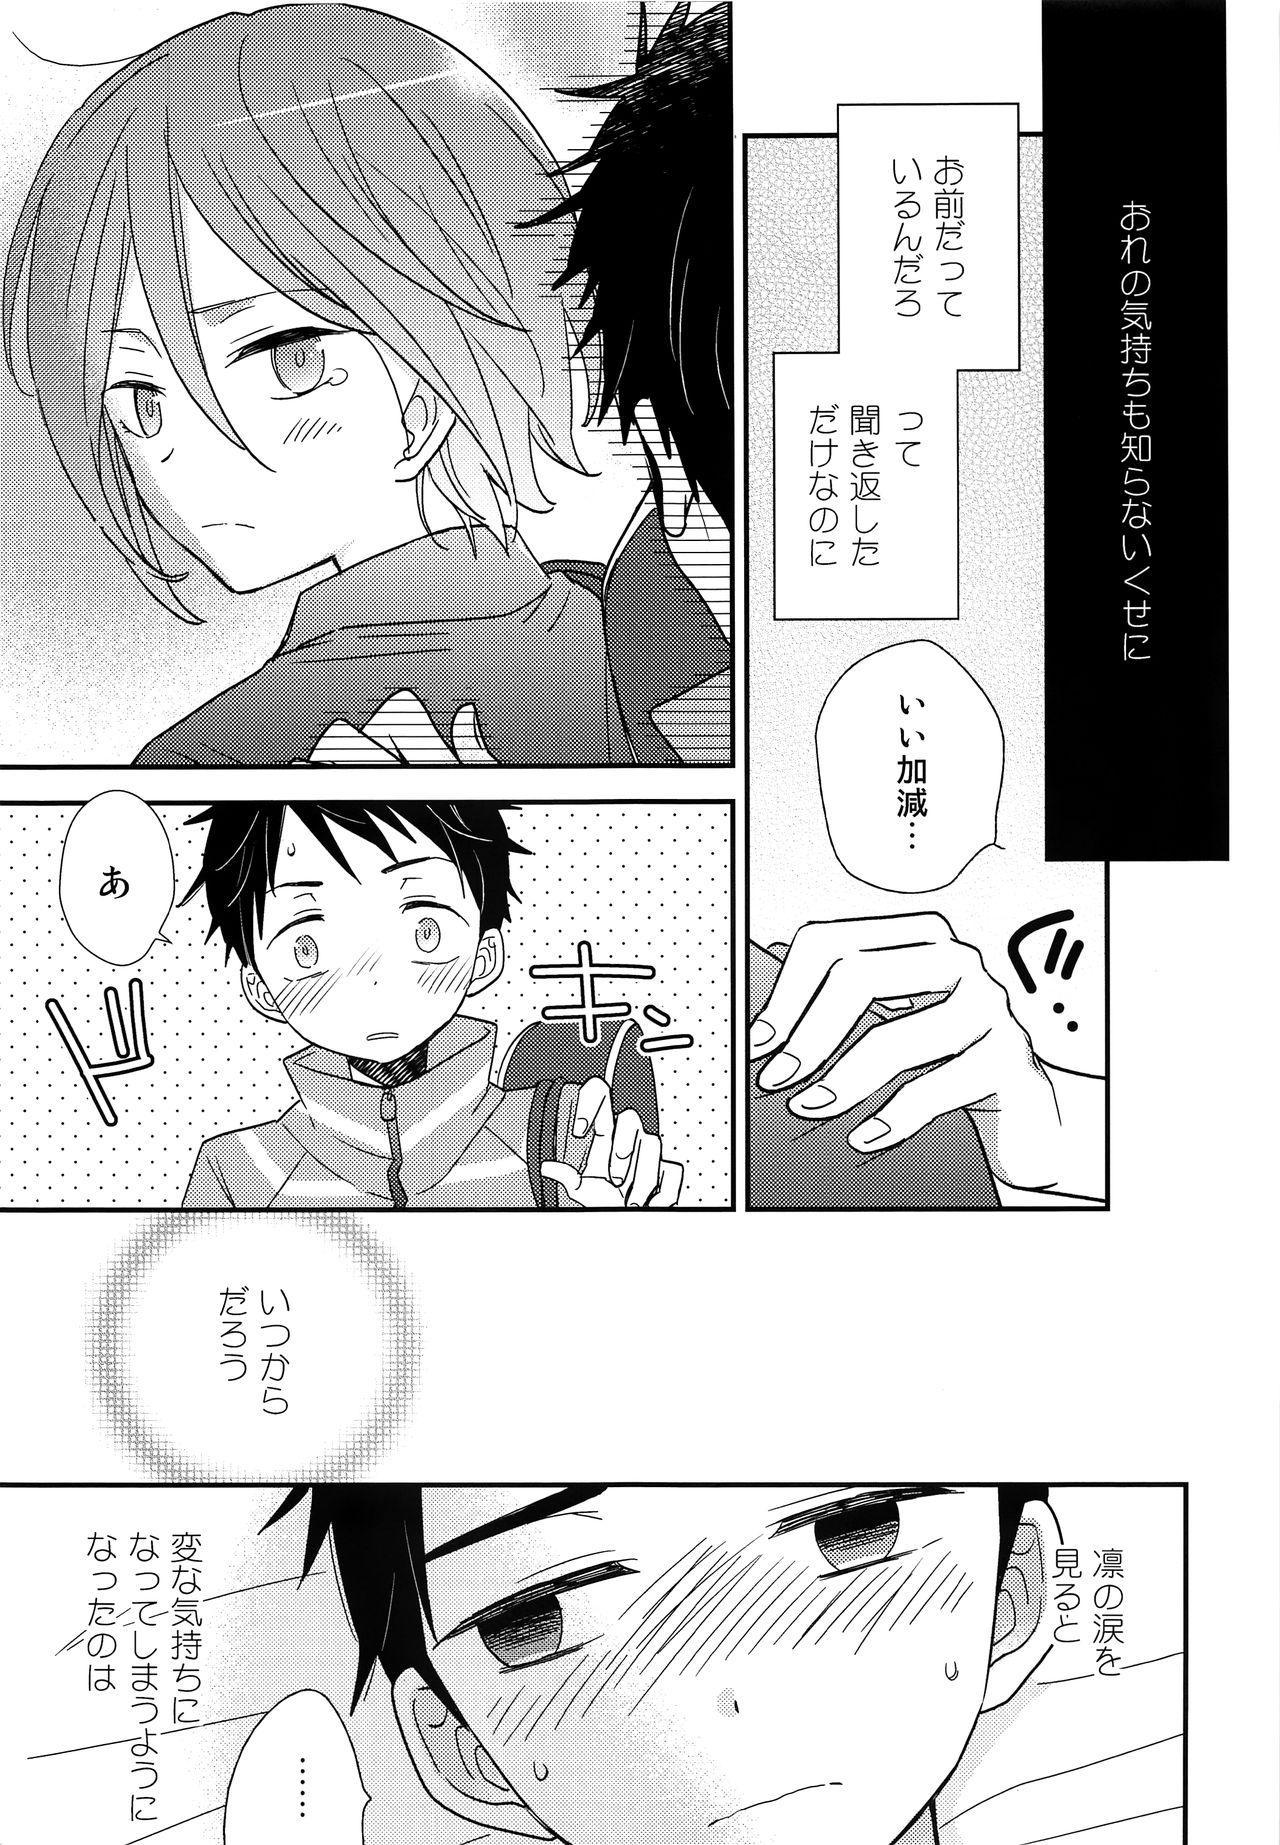 Ore ga Aitsu to Konna Koto 5